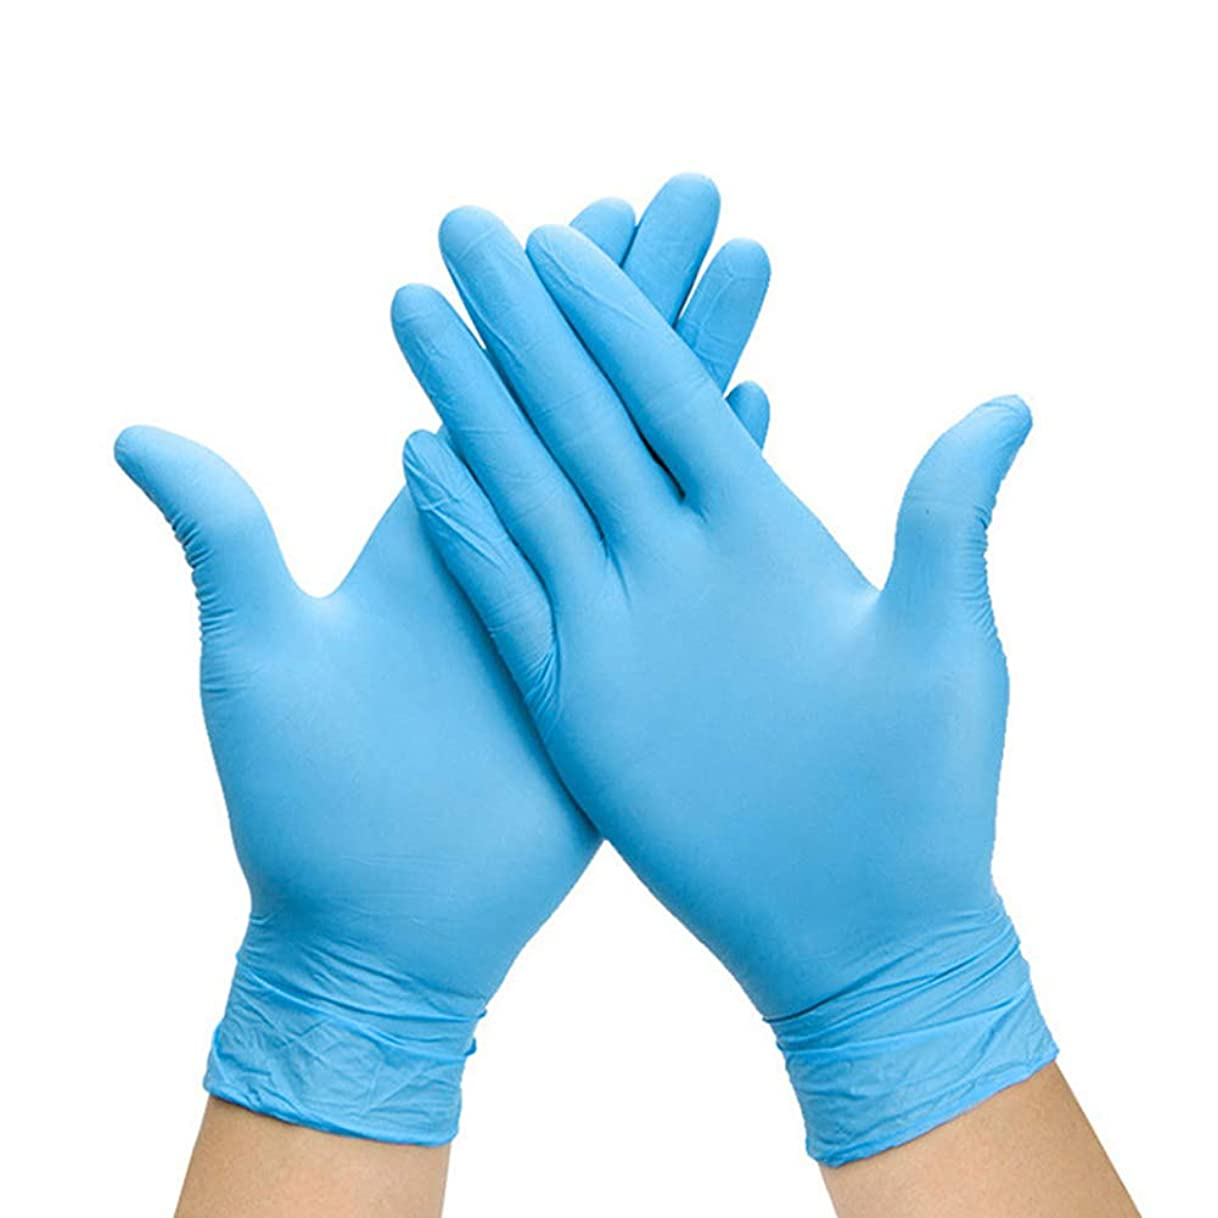 石まだら可決Besline 使い捨て手袋 ゴム手袋滑り止め表面肥厚使い捨て手袋食品グレード手袋、ラテックスゴムフリー、100個